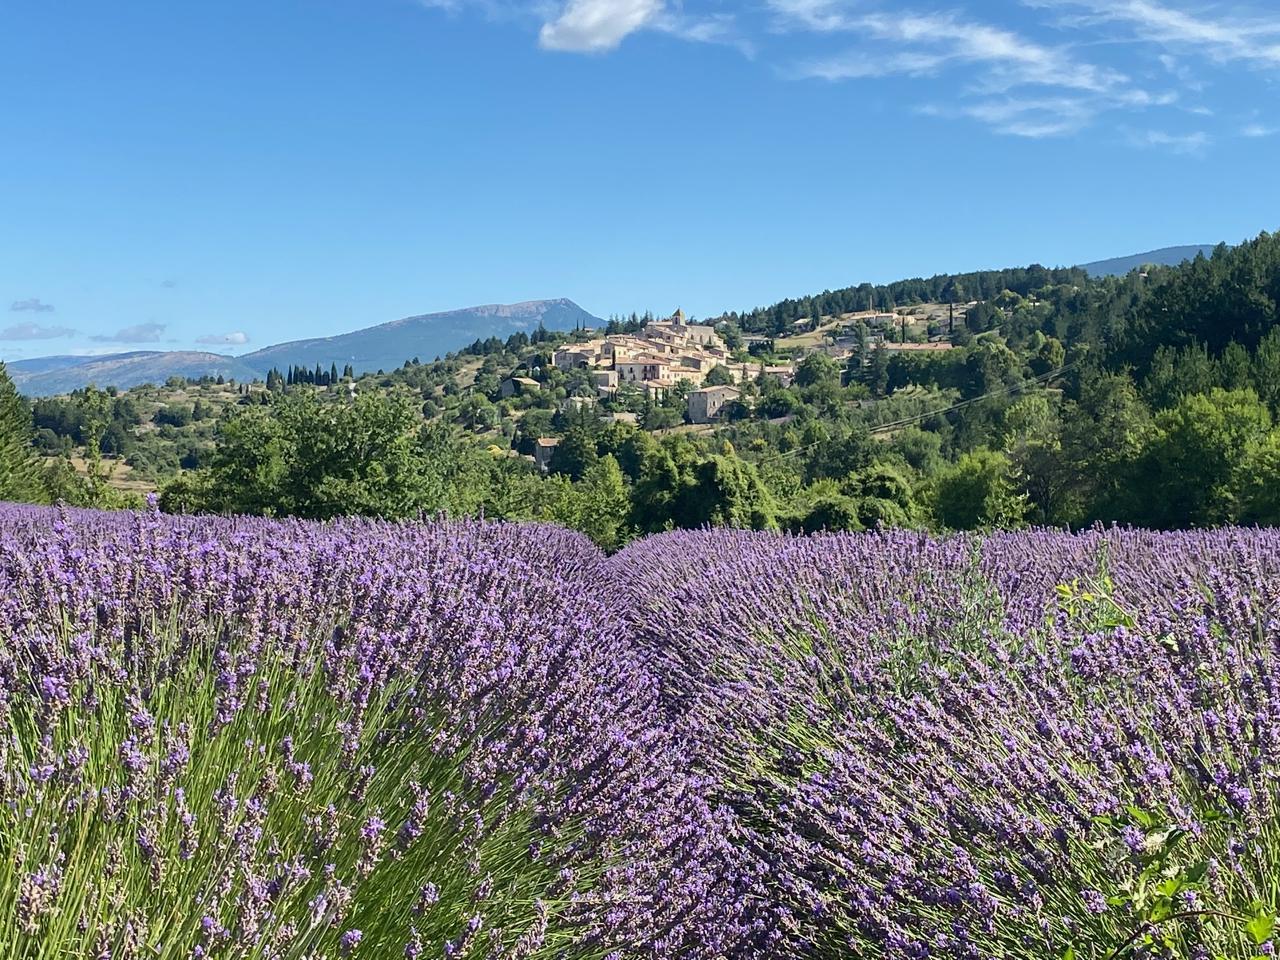 Lavendelfeld 7 - 1